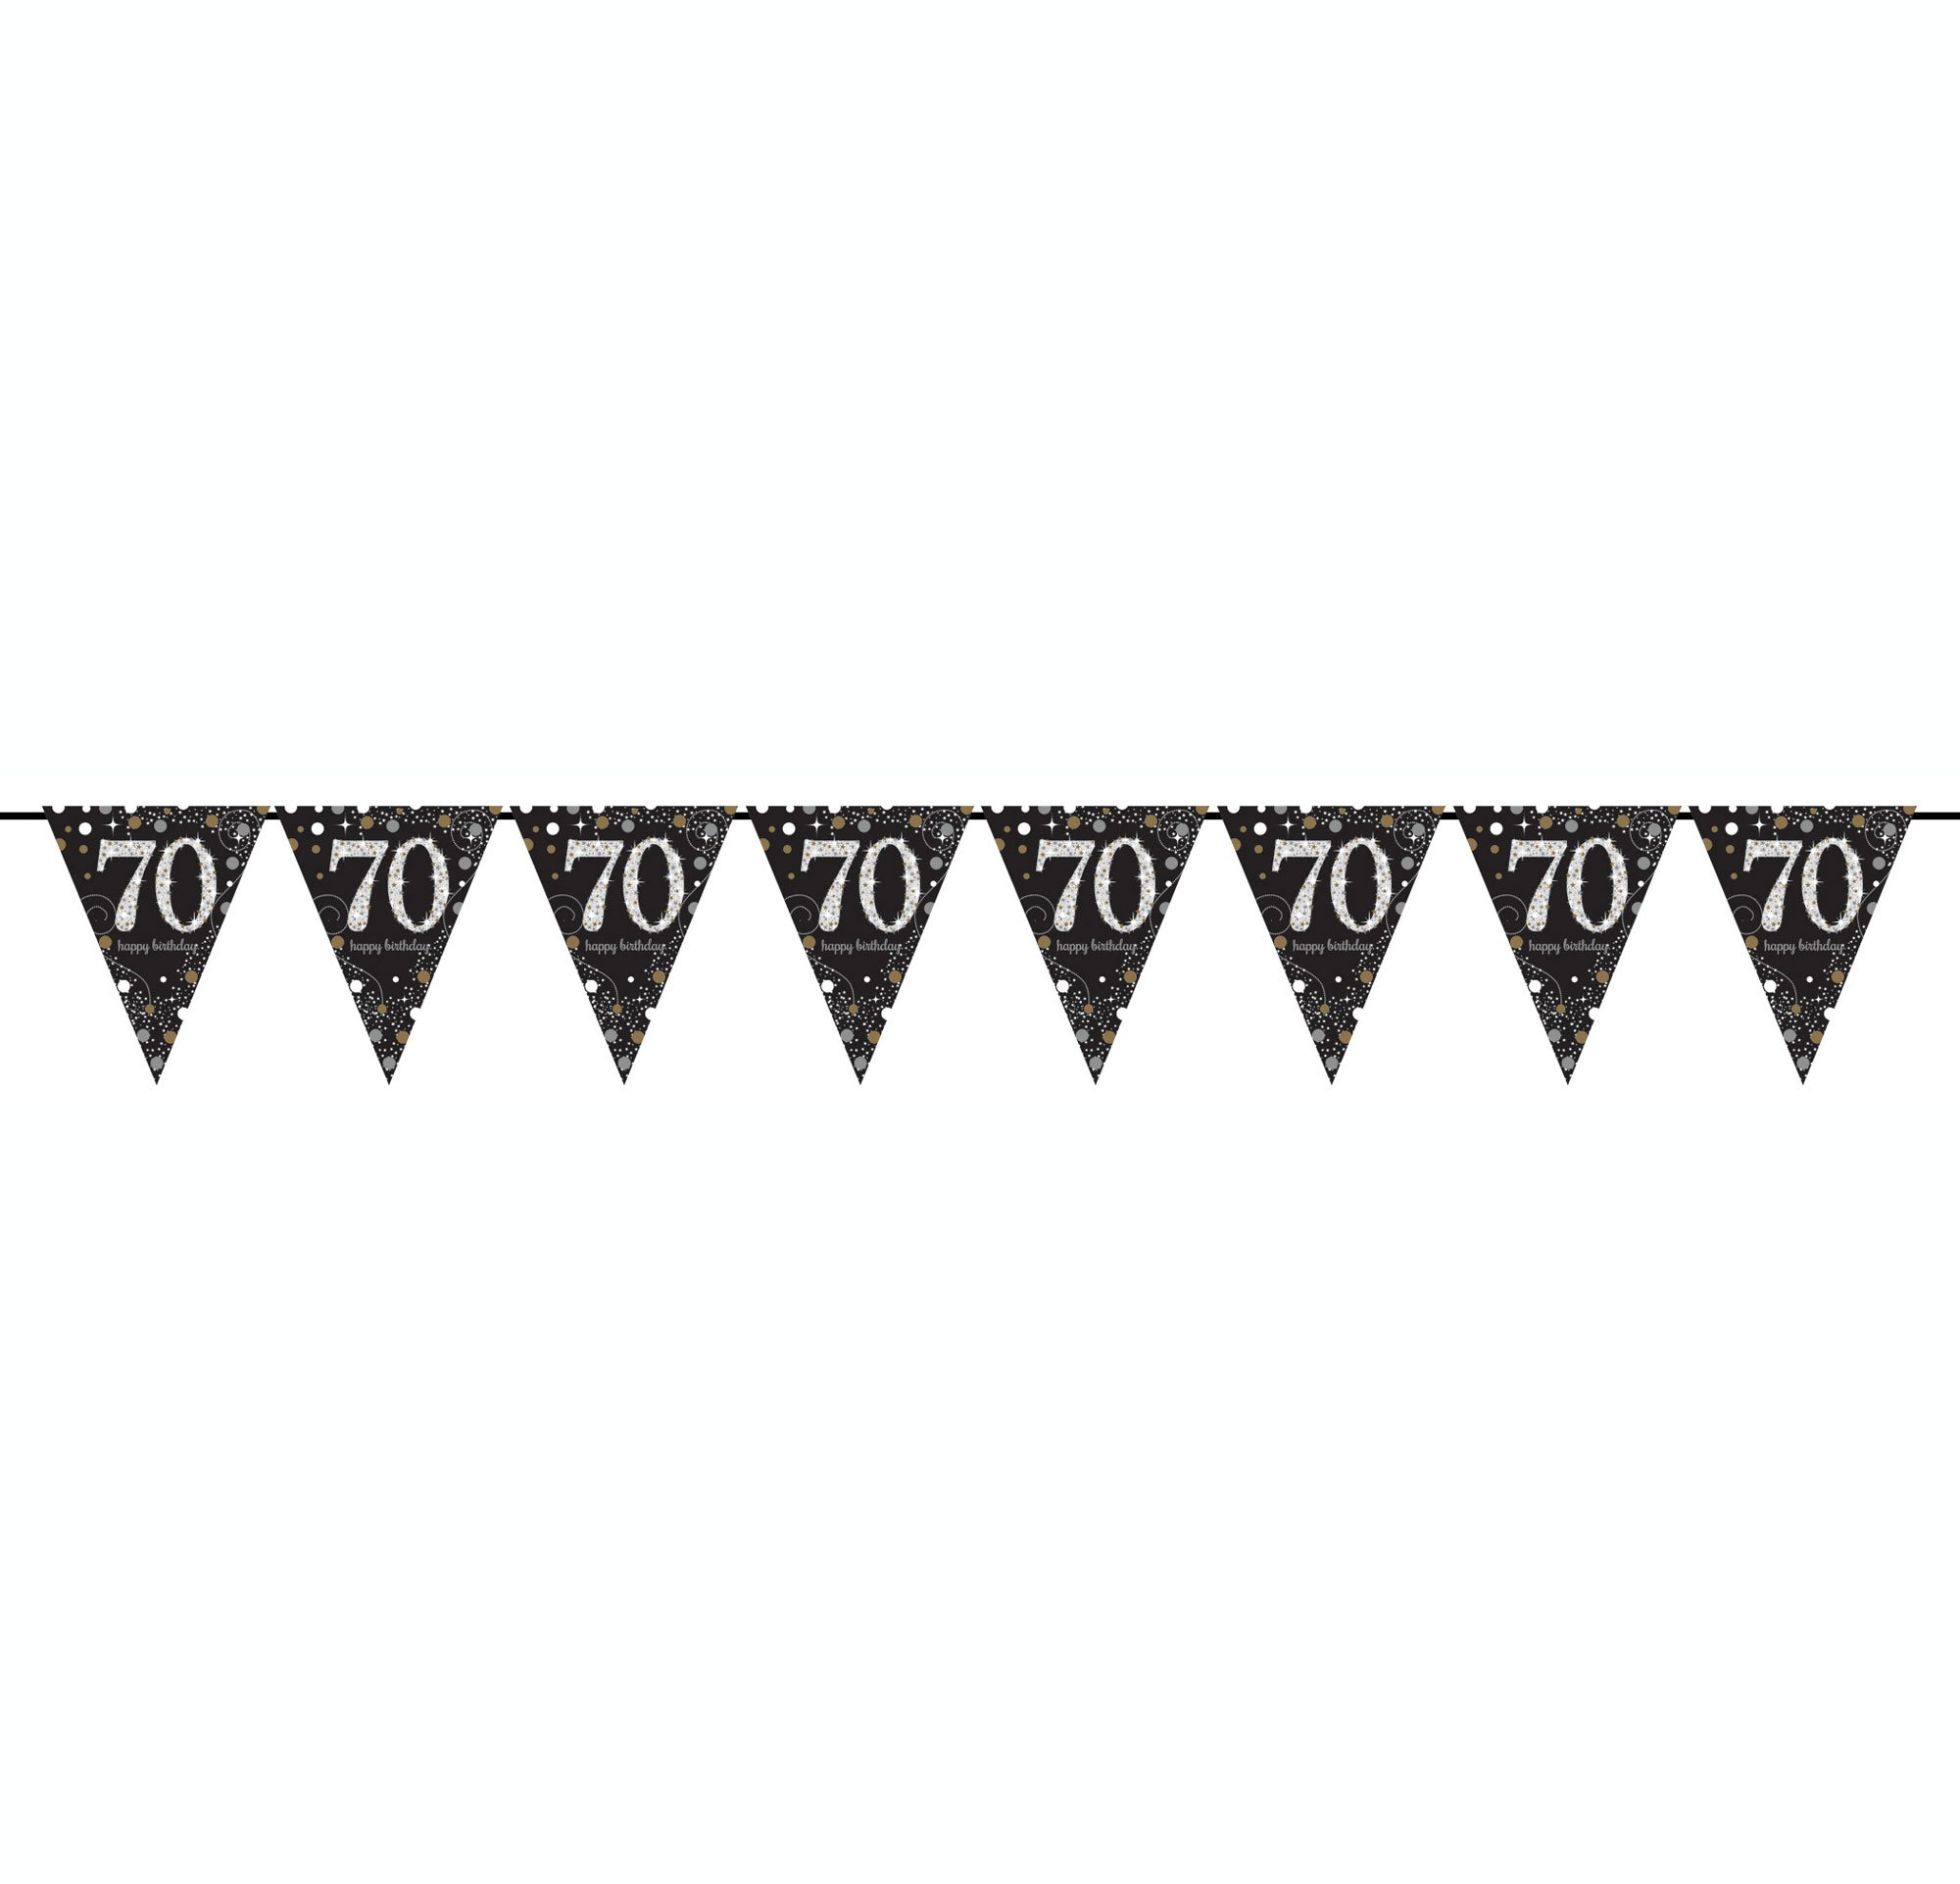 Sparkling Celebration 70 Prismatic Pennant Banner